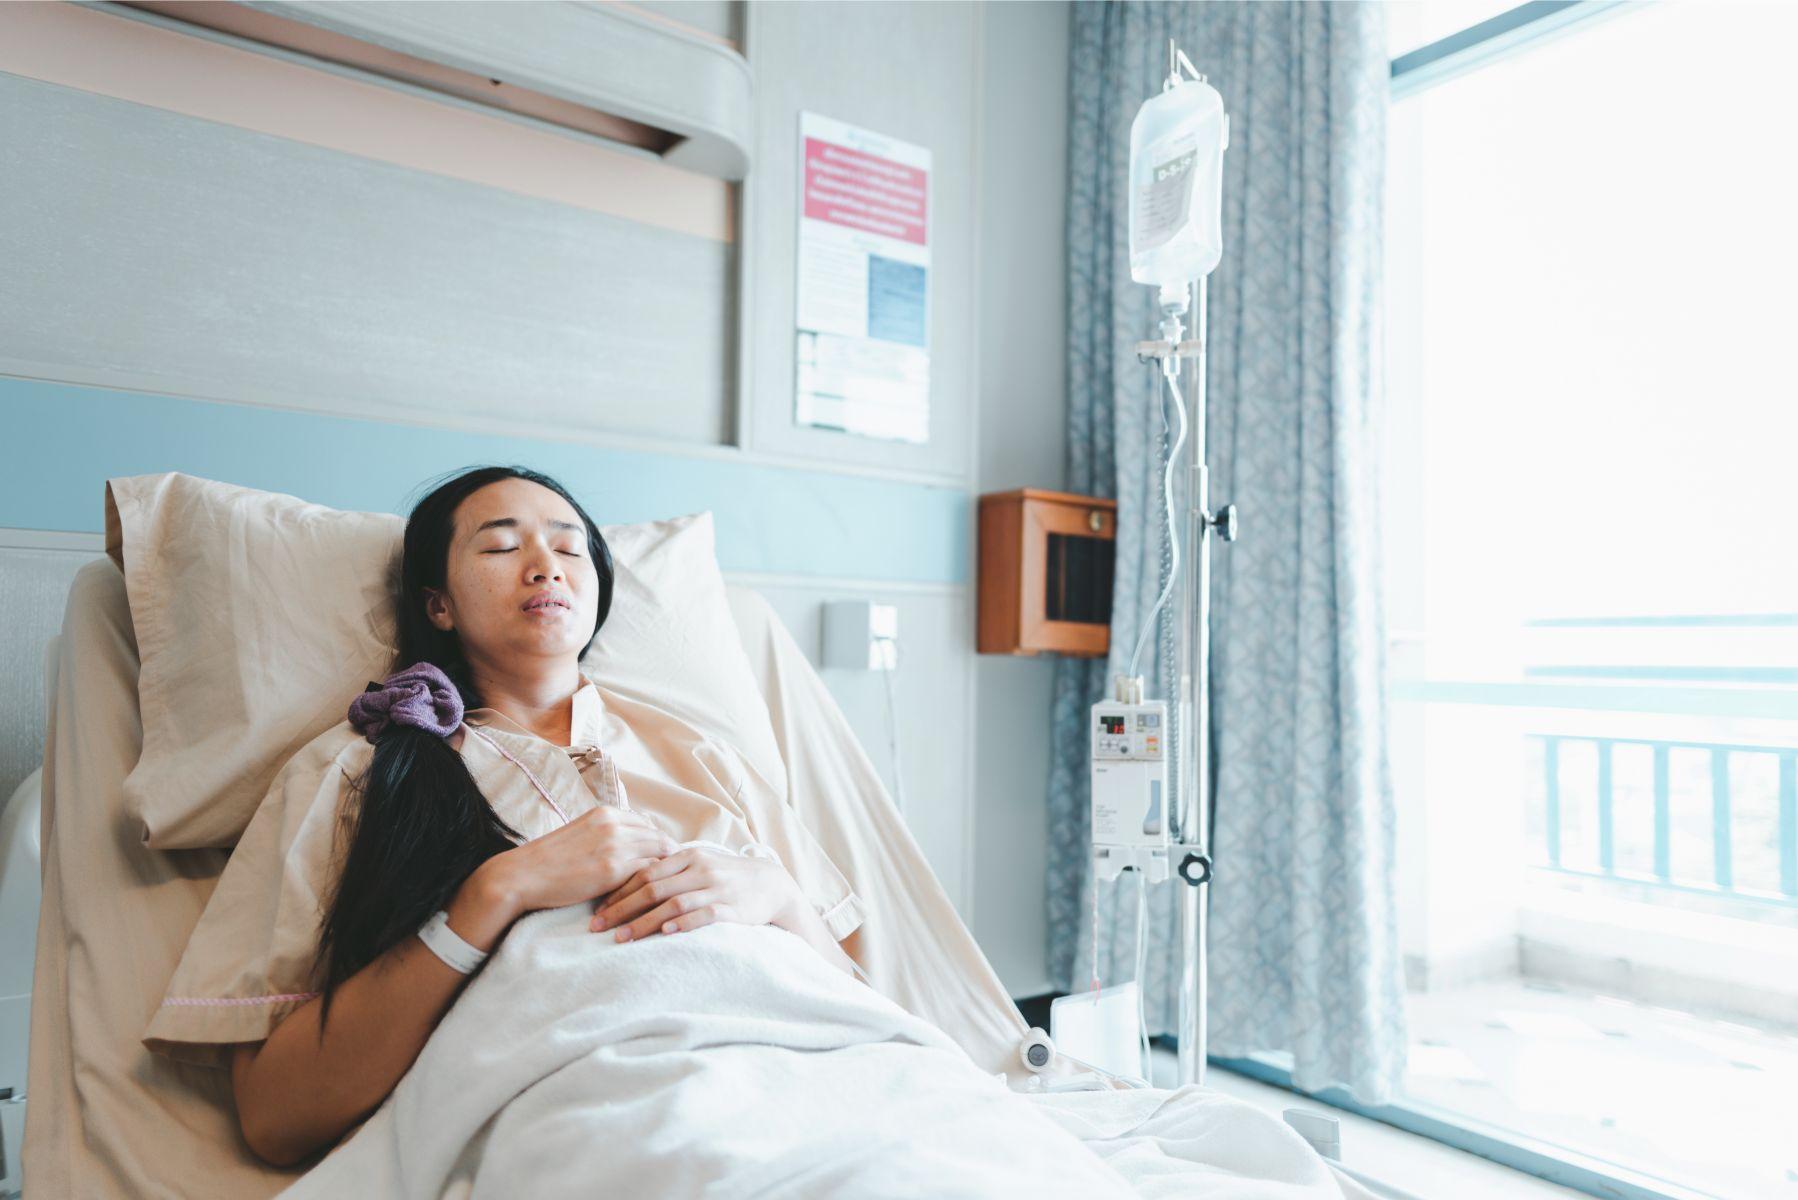 WHO證實你家中的「4大致癌物」!當心肝癌、胃癌、子宮頸癌越來越近